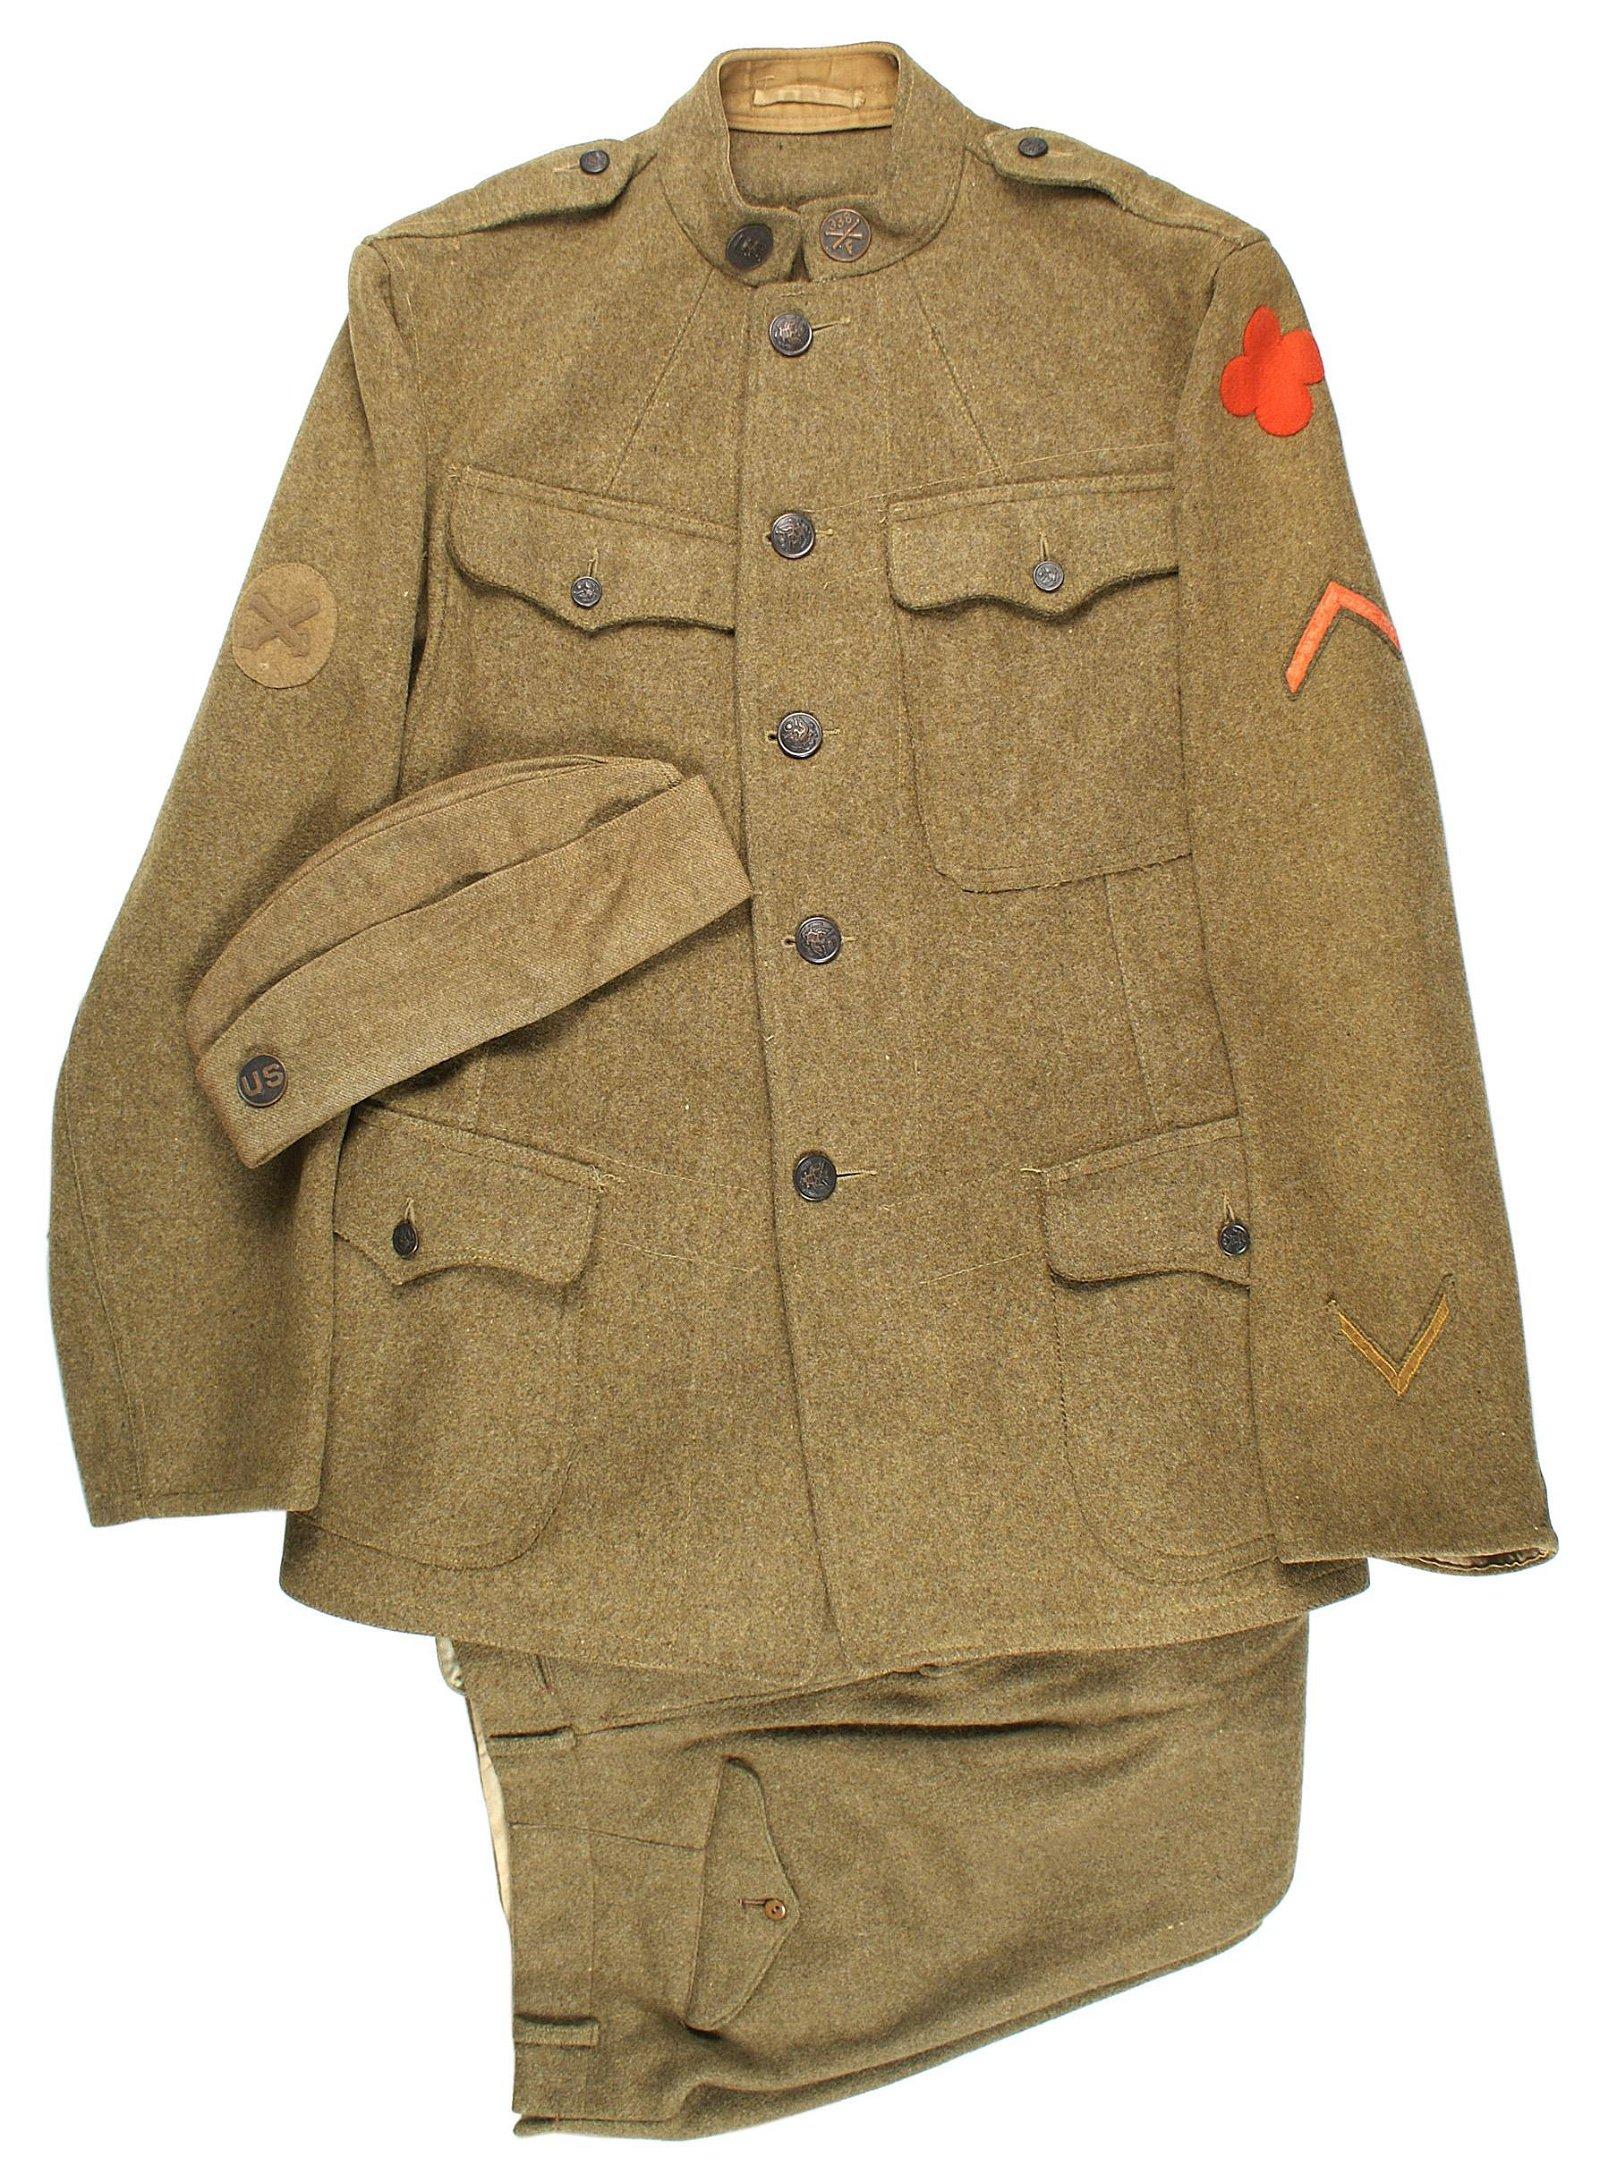 US WWI 88th Division uniform